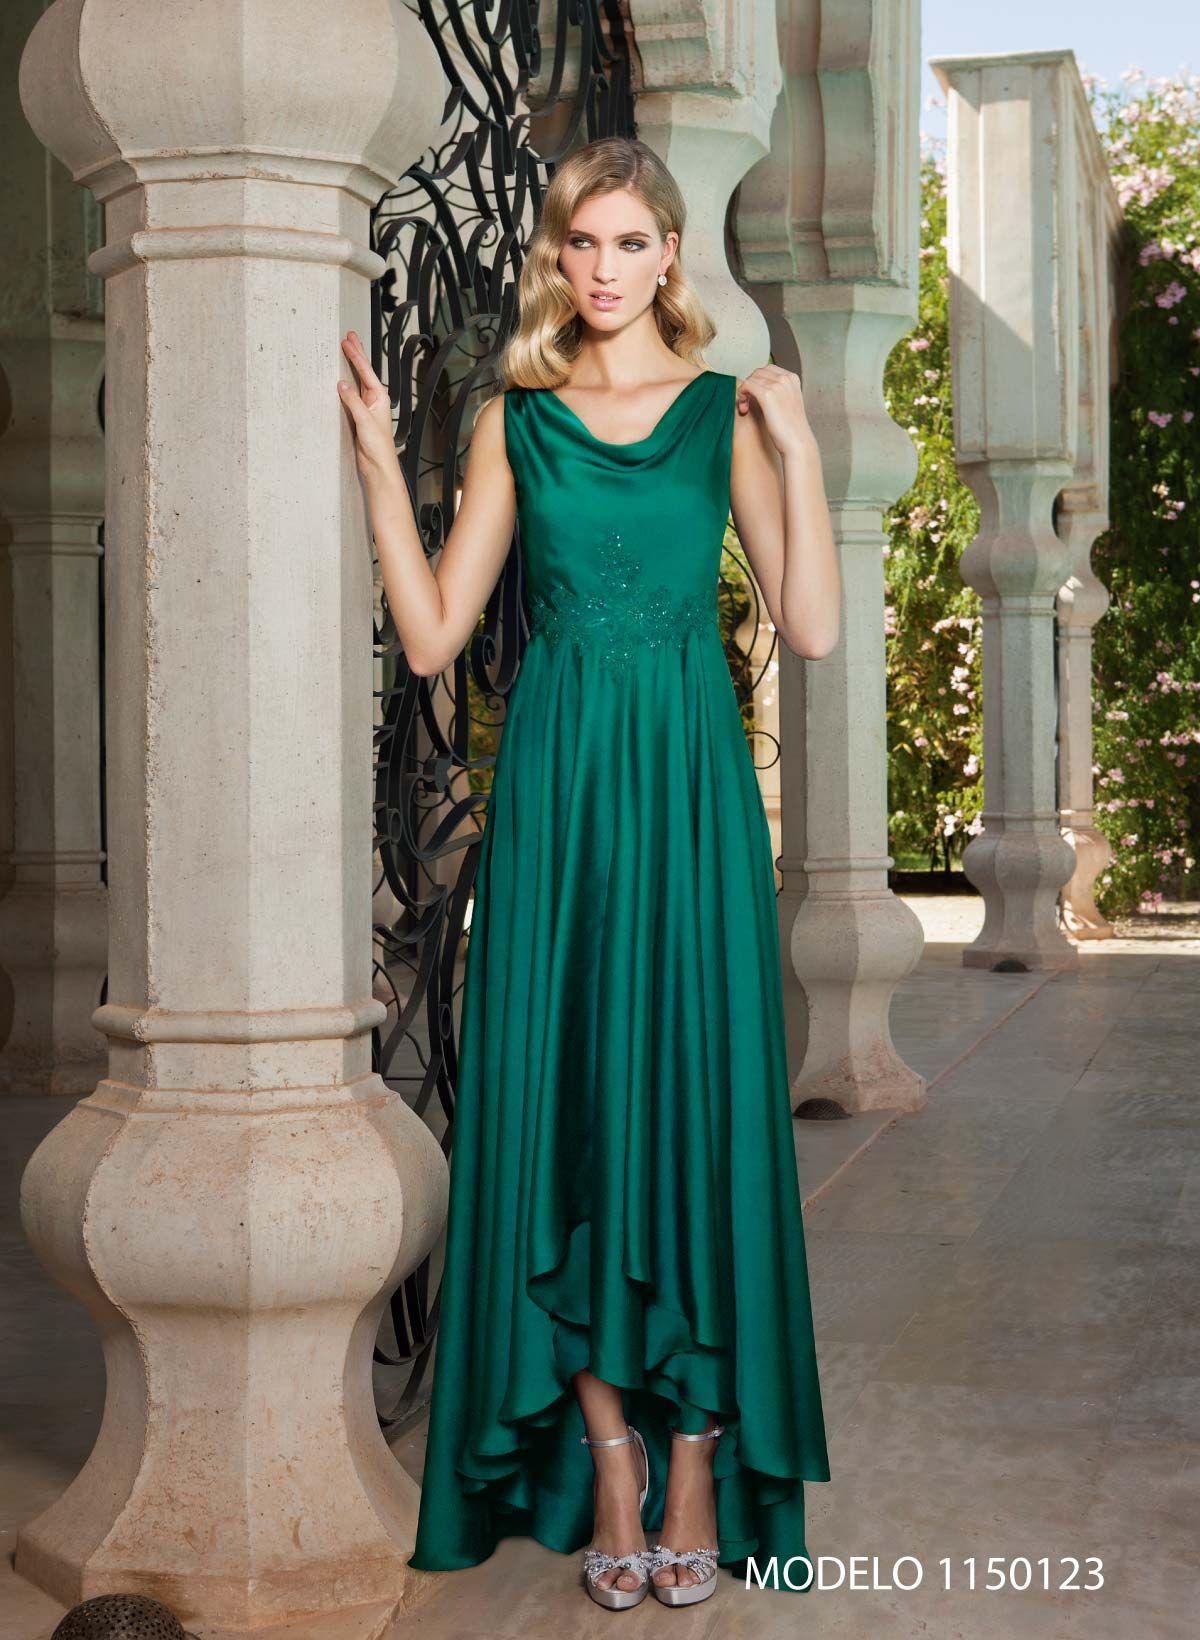 22c0b4e10 tienda de vestidos para madrina para bodas en londres - Saferbrowser Yahoo  Image Search Results